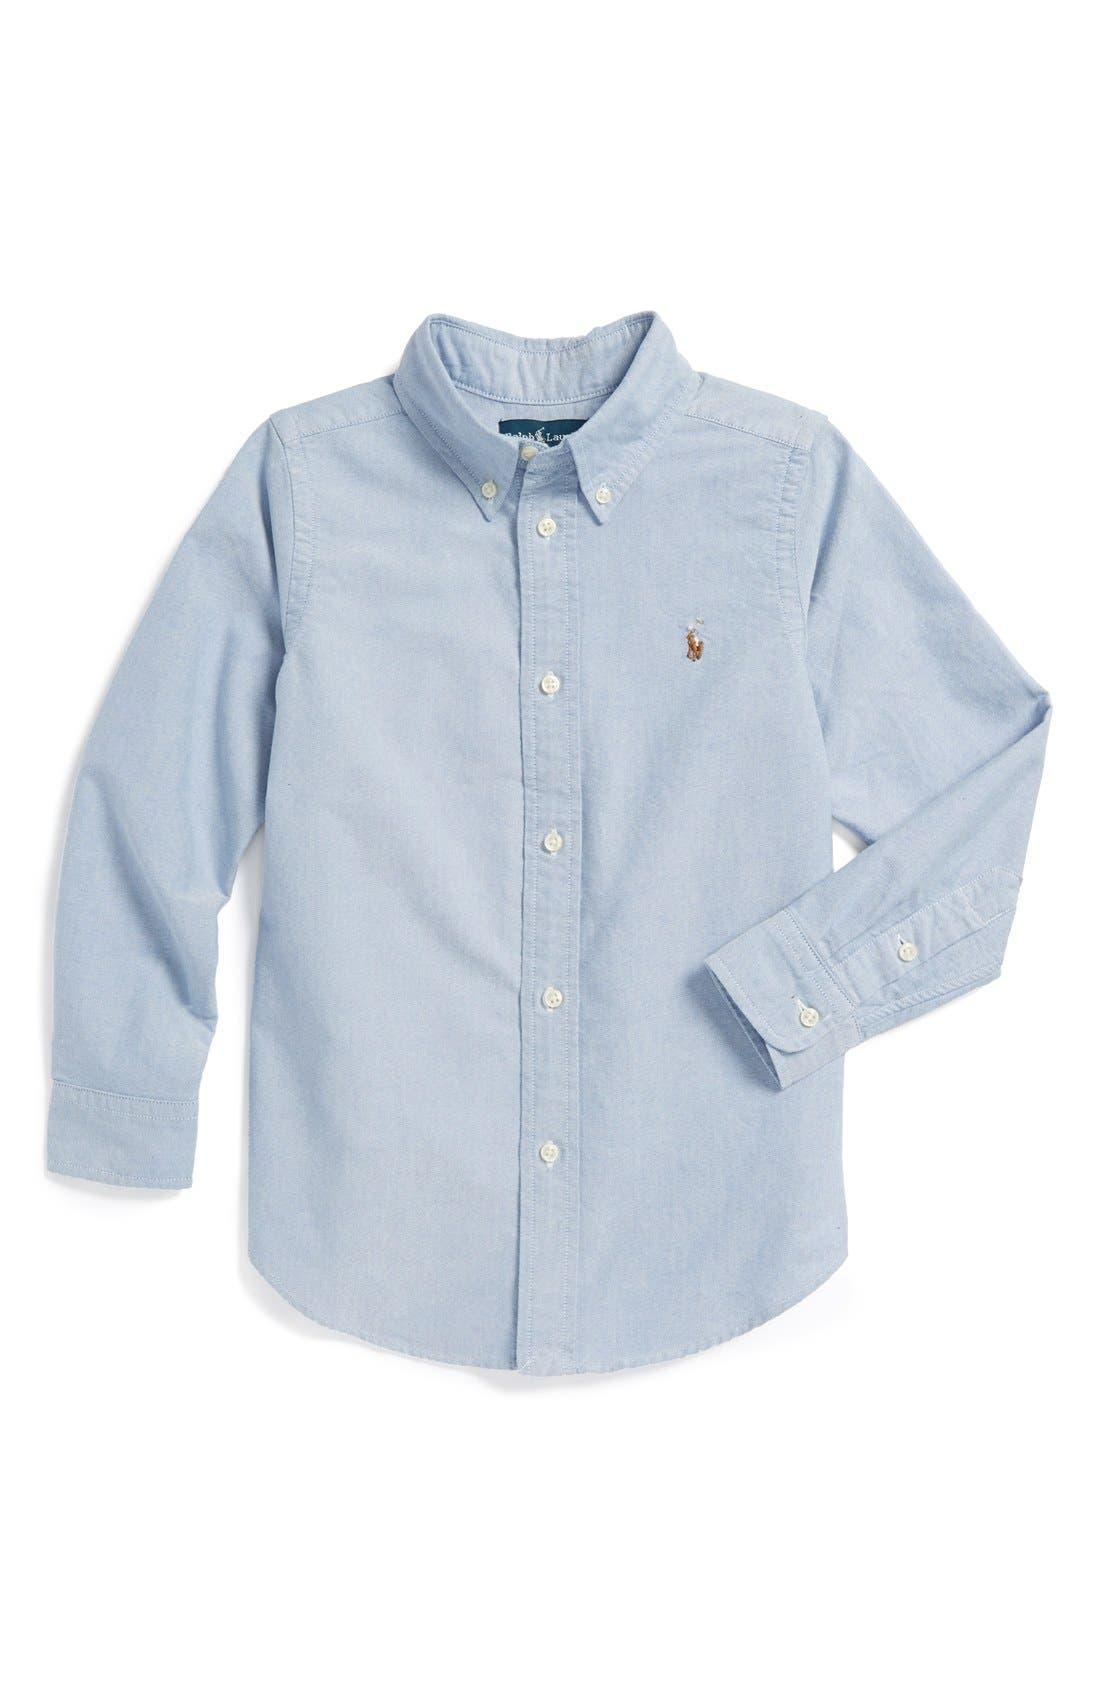 Main Image - Ralph Lauren Oxford Button Down Sport Shirt (Little Boys)